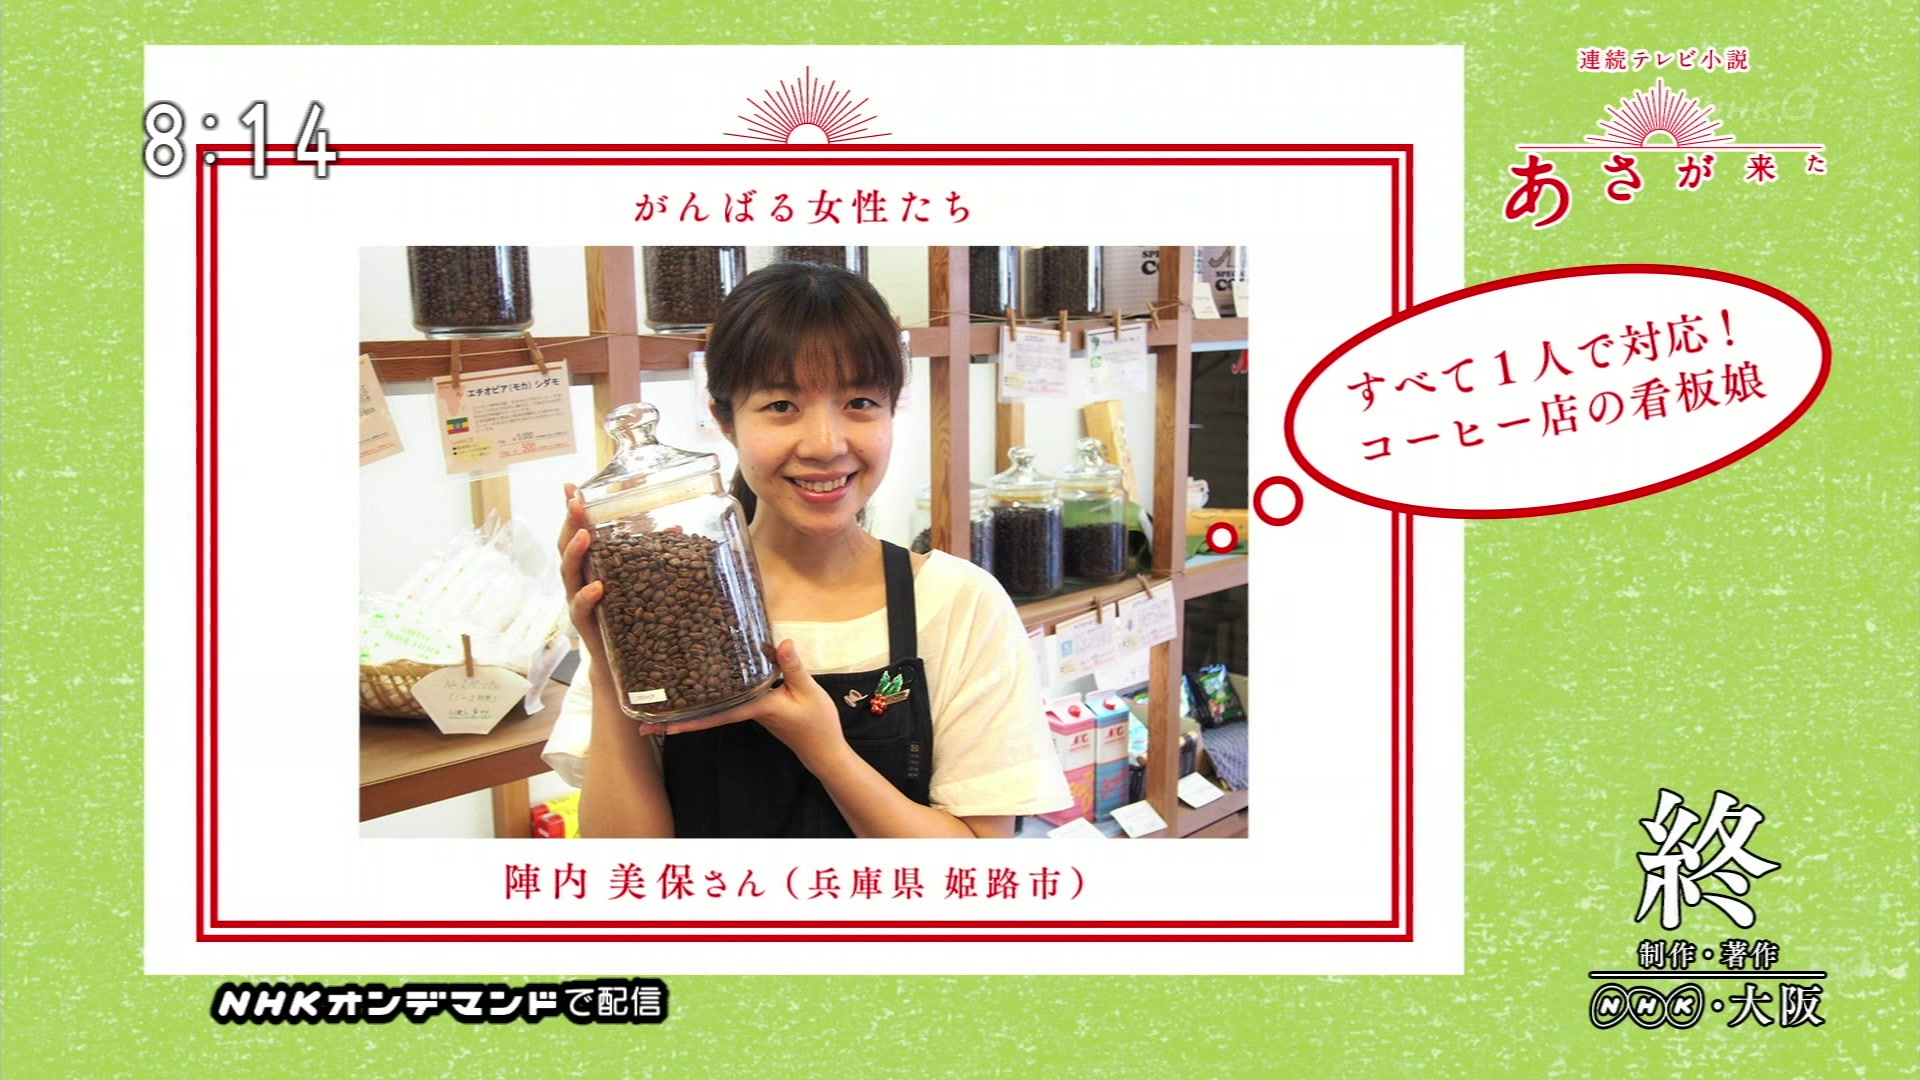 2015-10-09 08:00 連続テレビ小説 あさが来た(11)「ふたつの花びら」 2728